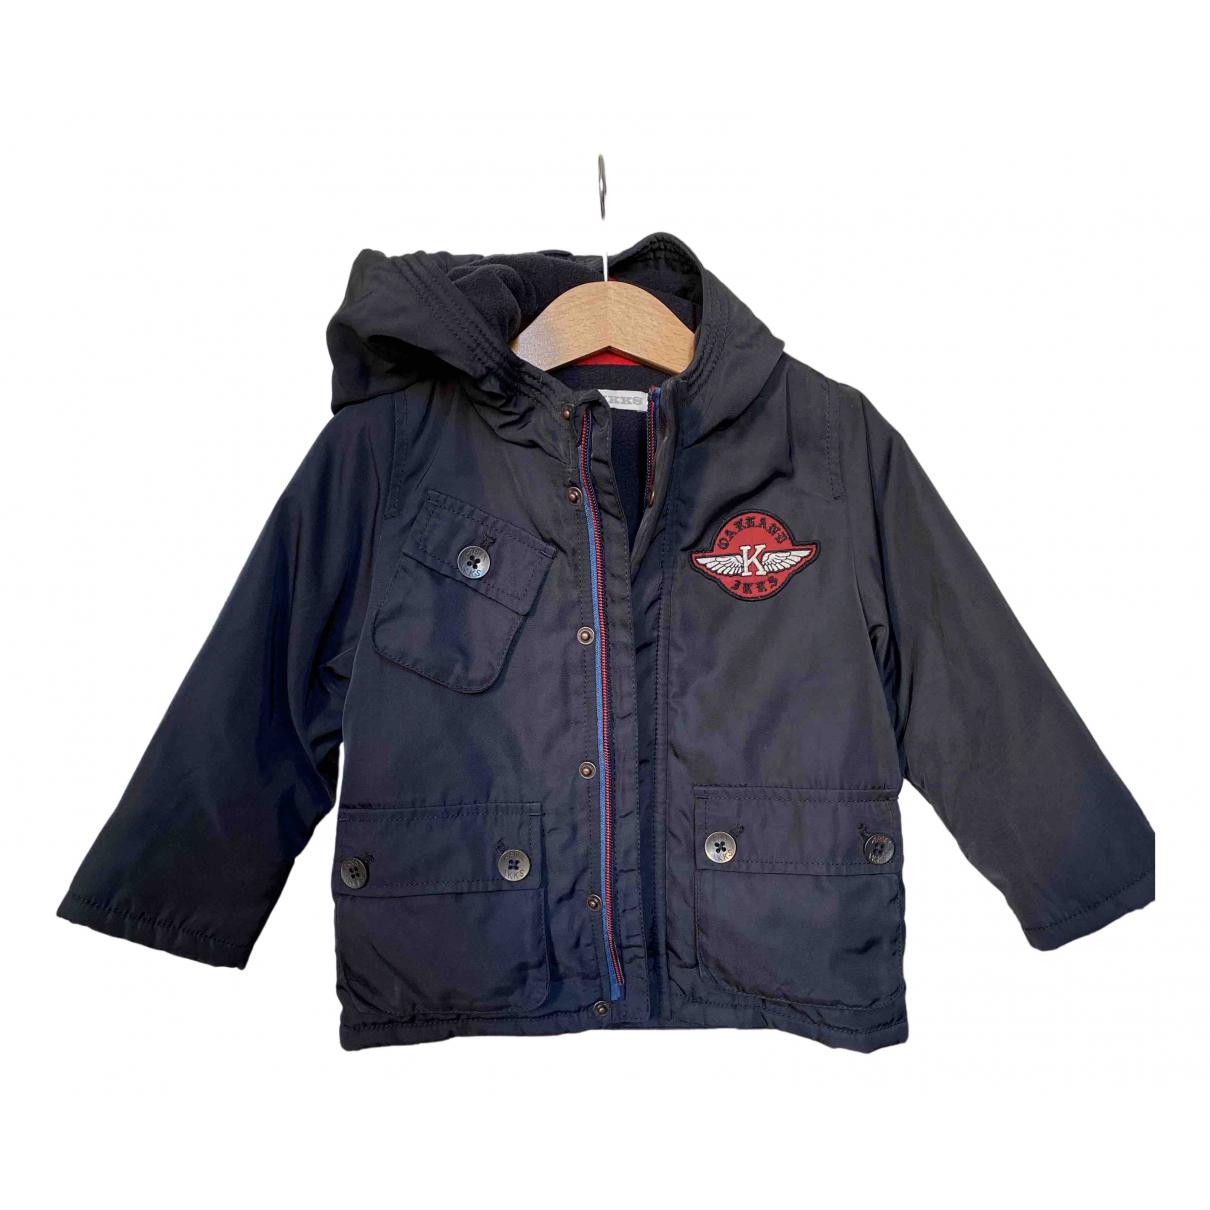 Ikks - Blousons.Manteaux   pour enfant - marine